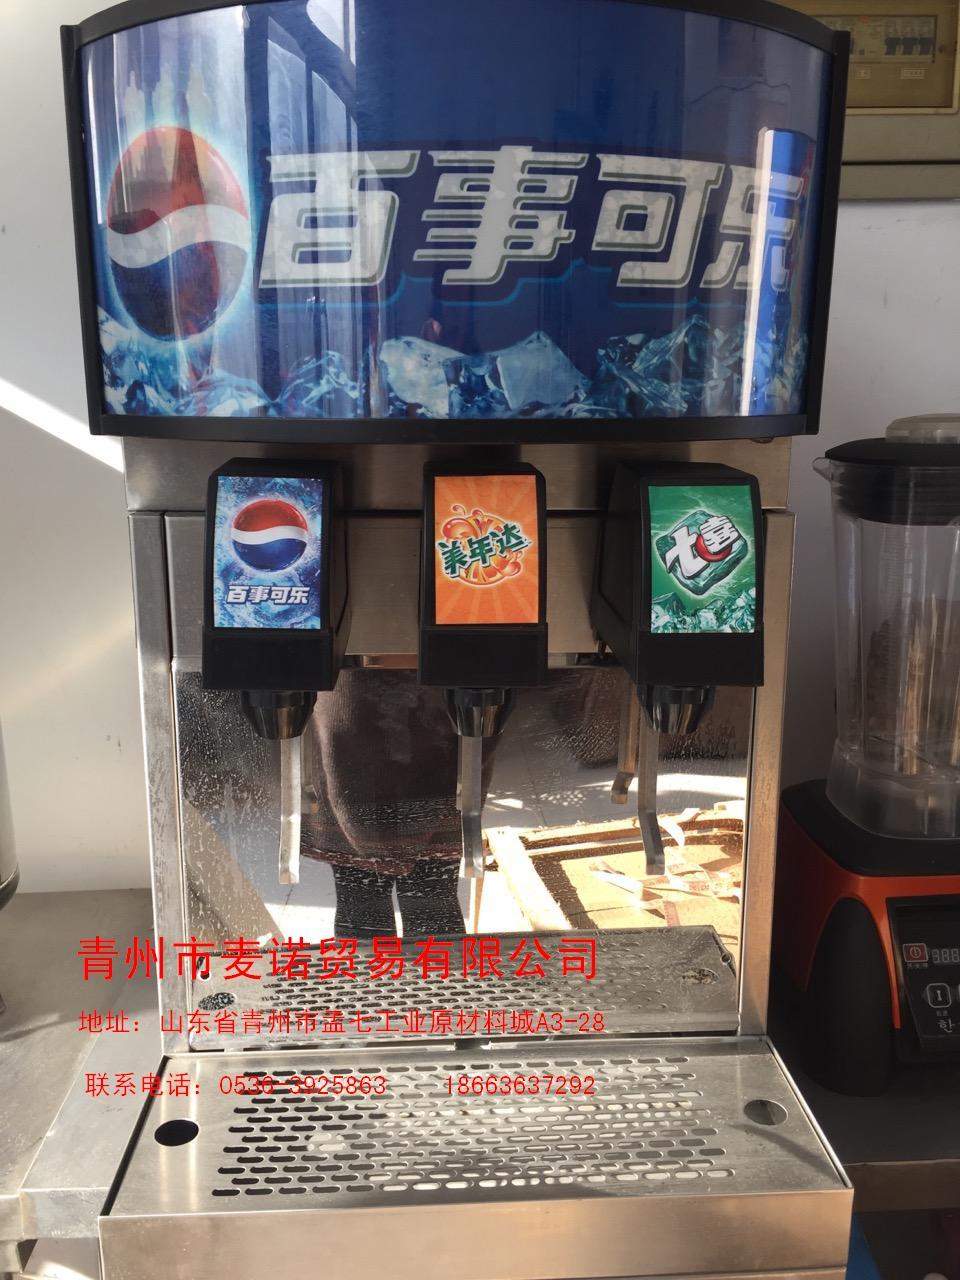 【青州麦诺贸易】果汁、可乐、饮料粉口味多样,是您放心的选择!